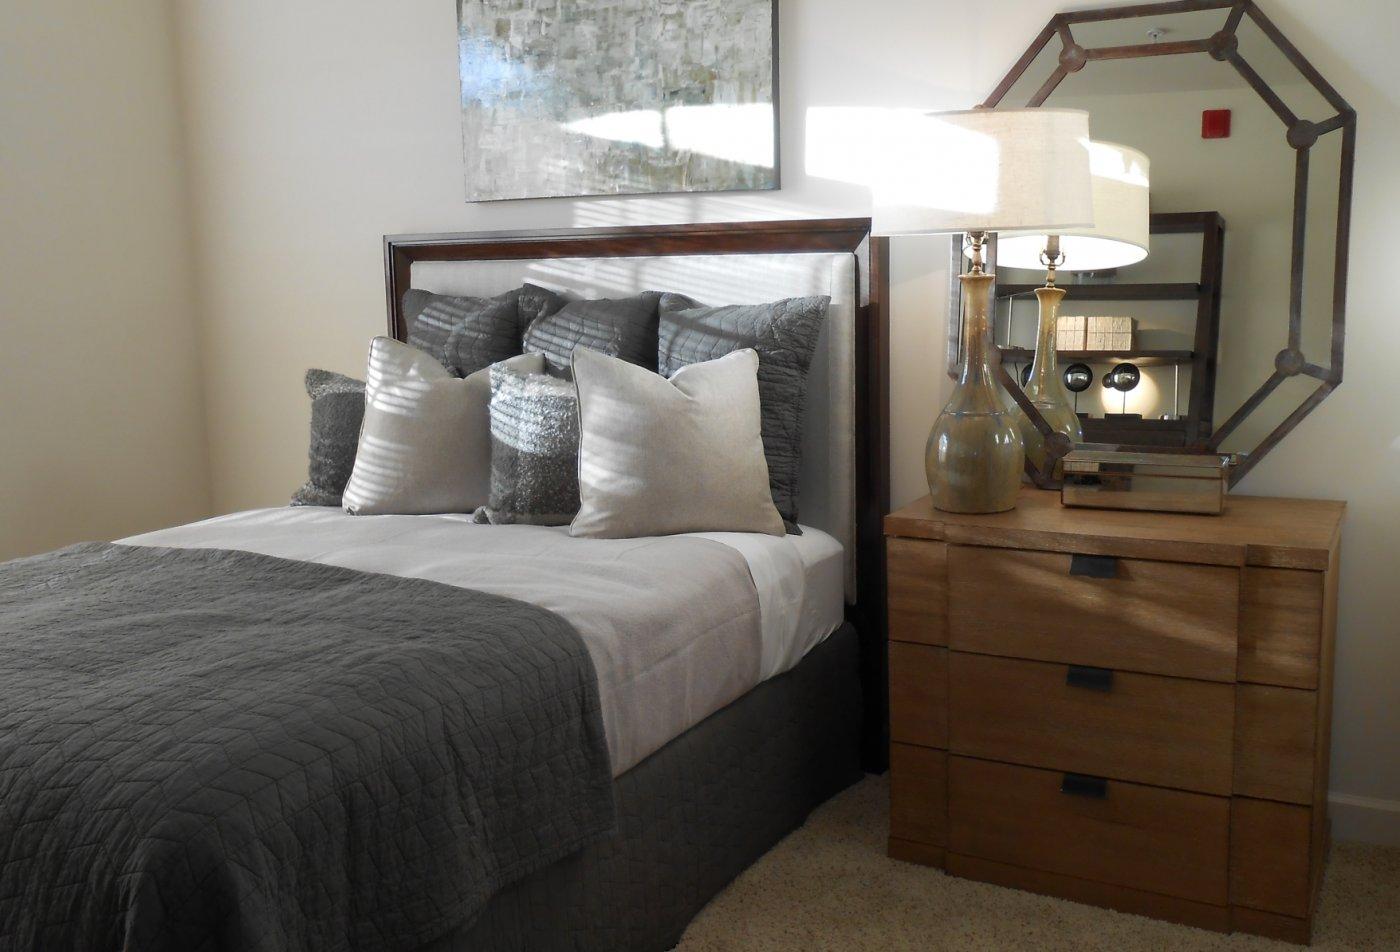 Lakeshore Ridge Apartments